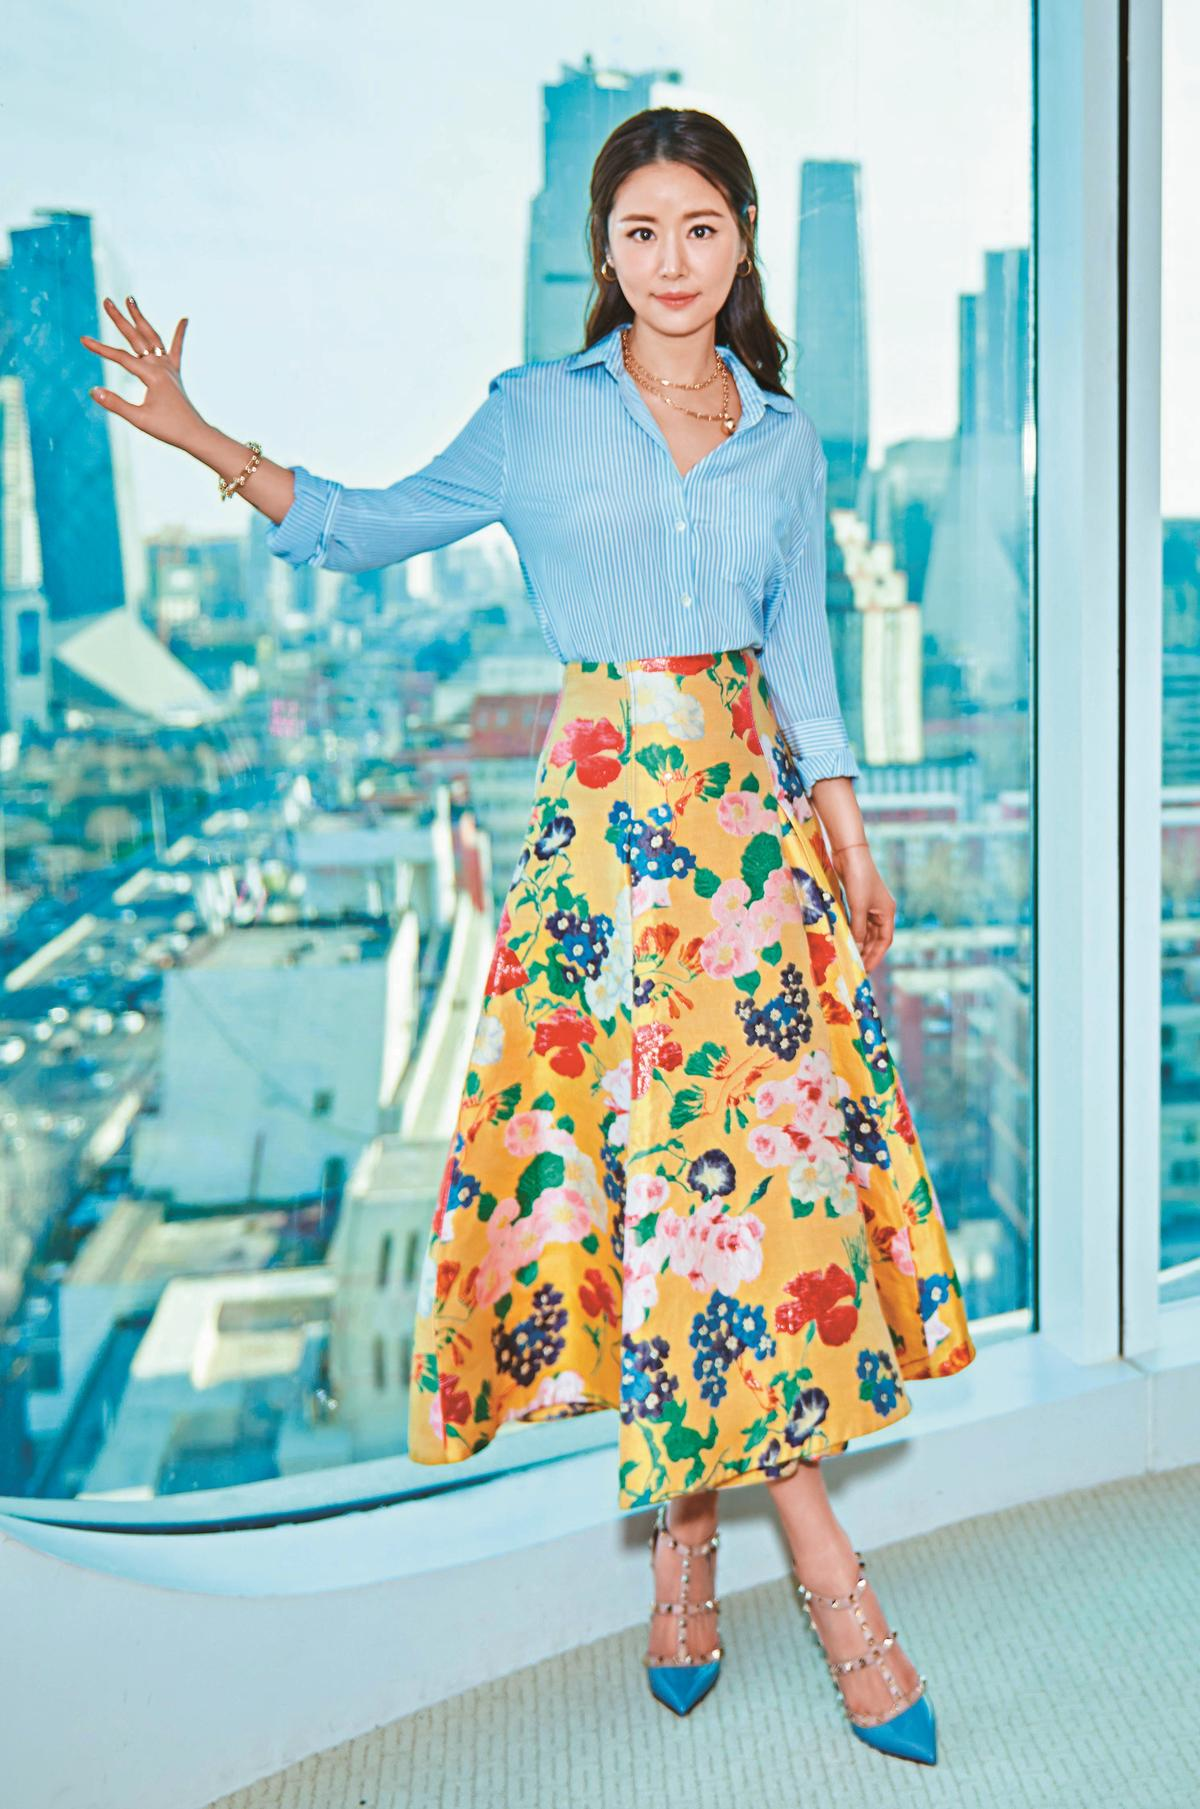 林心如出席電影《嫌疑人X的獻身》活動時,以VALENTINO粉藍上衣搭配野薑花為創作主題的黃底印花刺繡長裙,充滿1950年代復古風情。(VALENTINO提供)